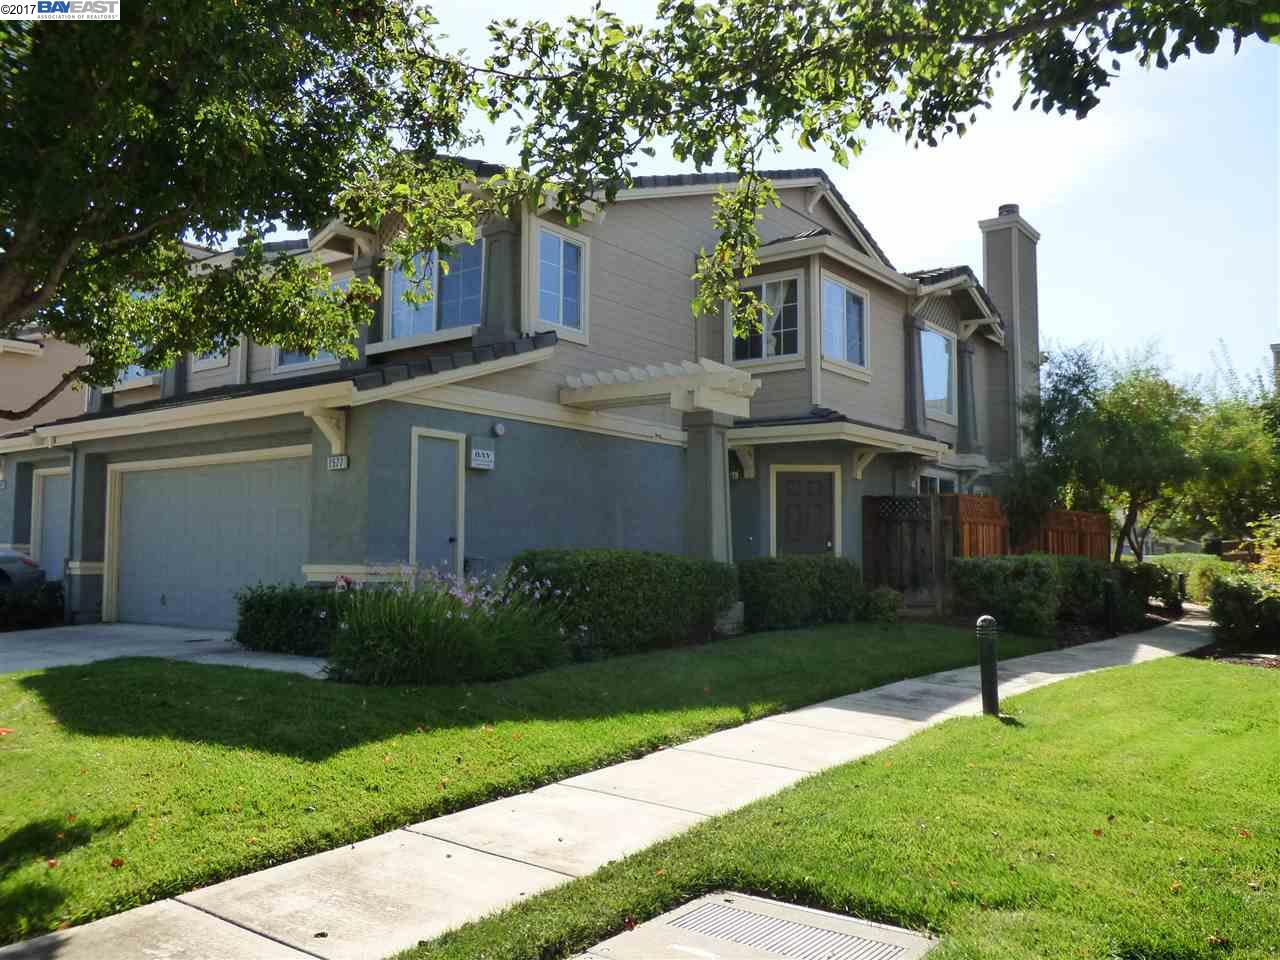 واحد منزل الأسرة للـ Rent في 1577 Calle Del Rey 1577 Calle Del Rey Livermore, California 94551 United States